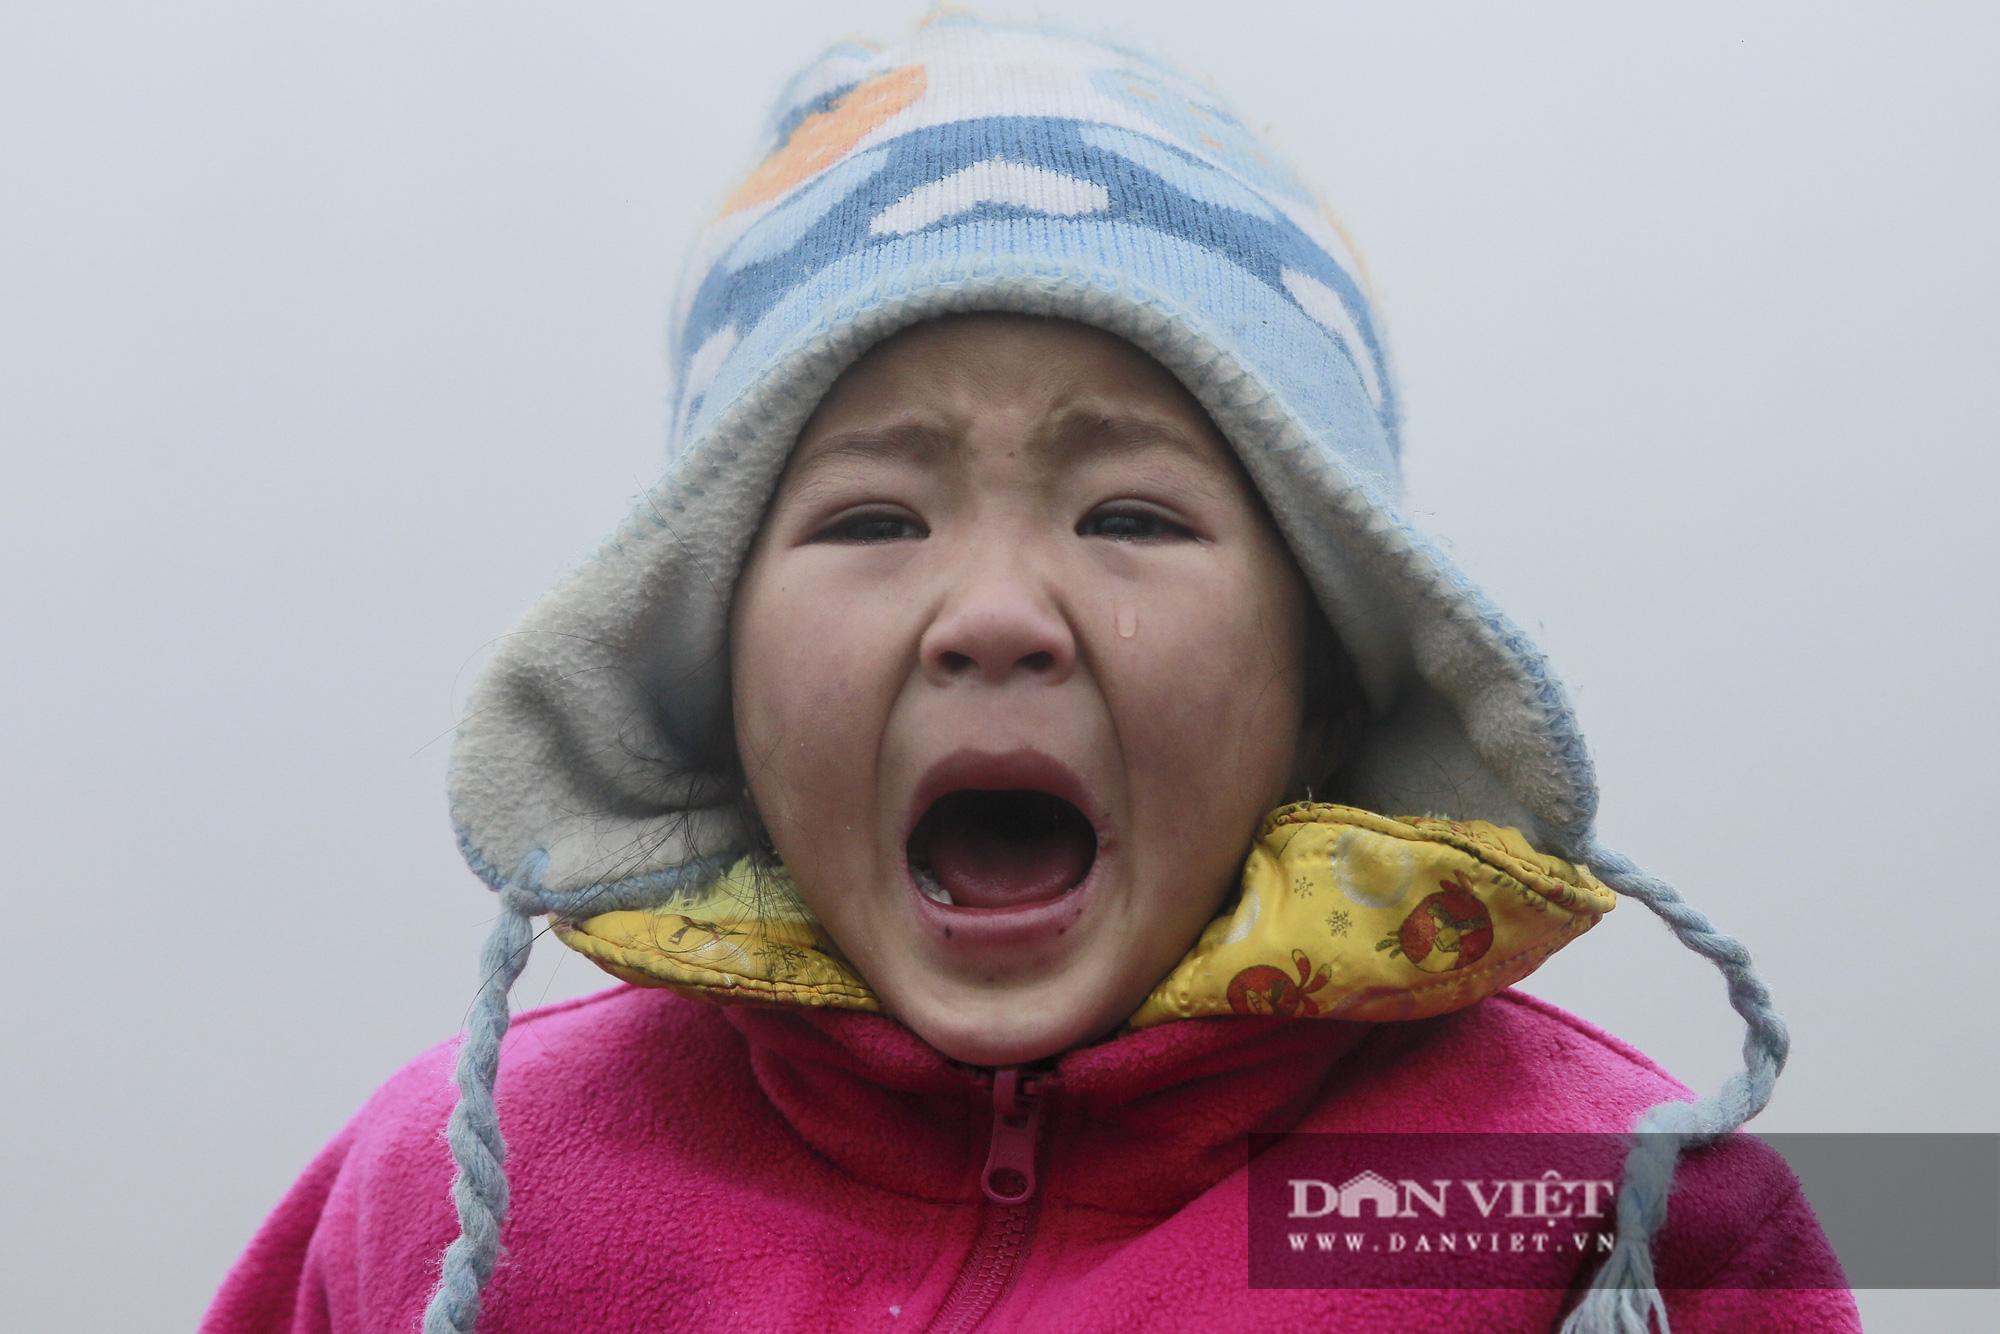 Sa Pa kêu gọi du khách đồng lòng bảo vệ quyền trẻ em - Ảnh 9.